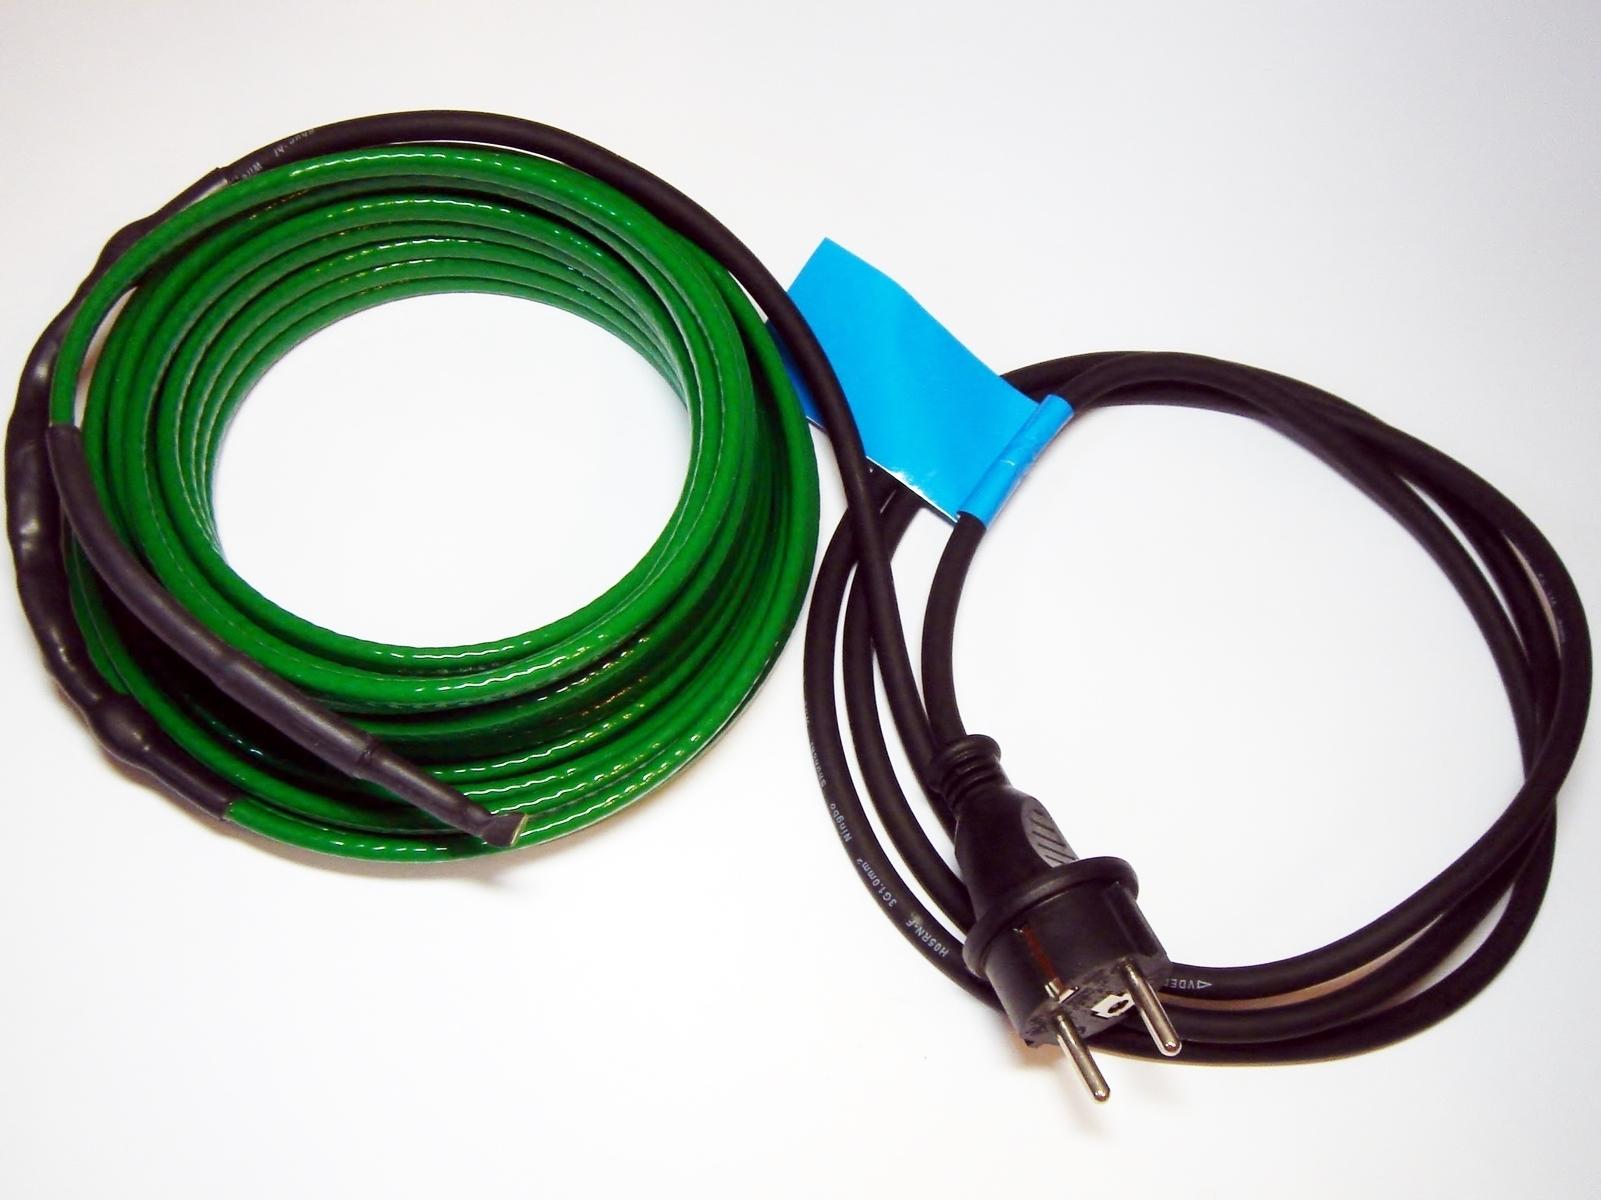 Torusoojenduskaabel 200 W, 20 m, 230 V, 10 W/m, Axxel, 9005